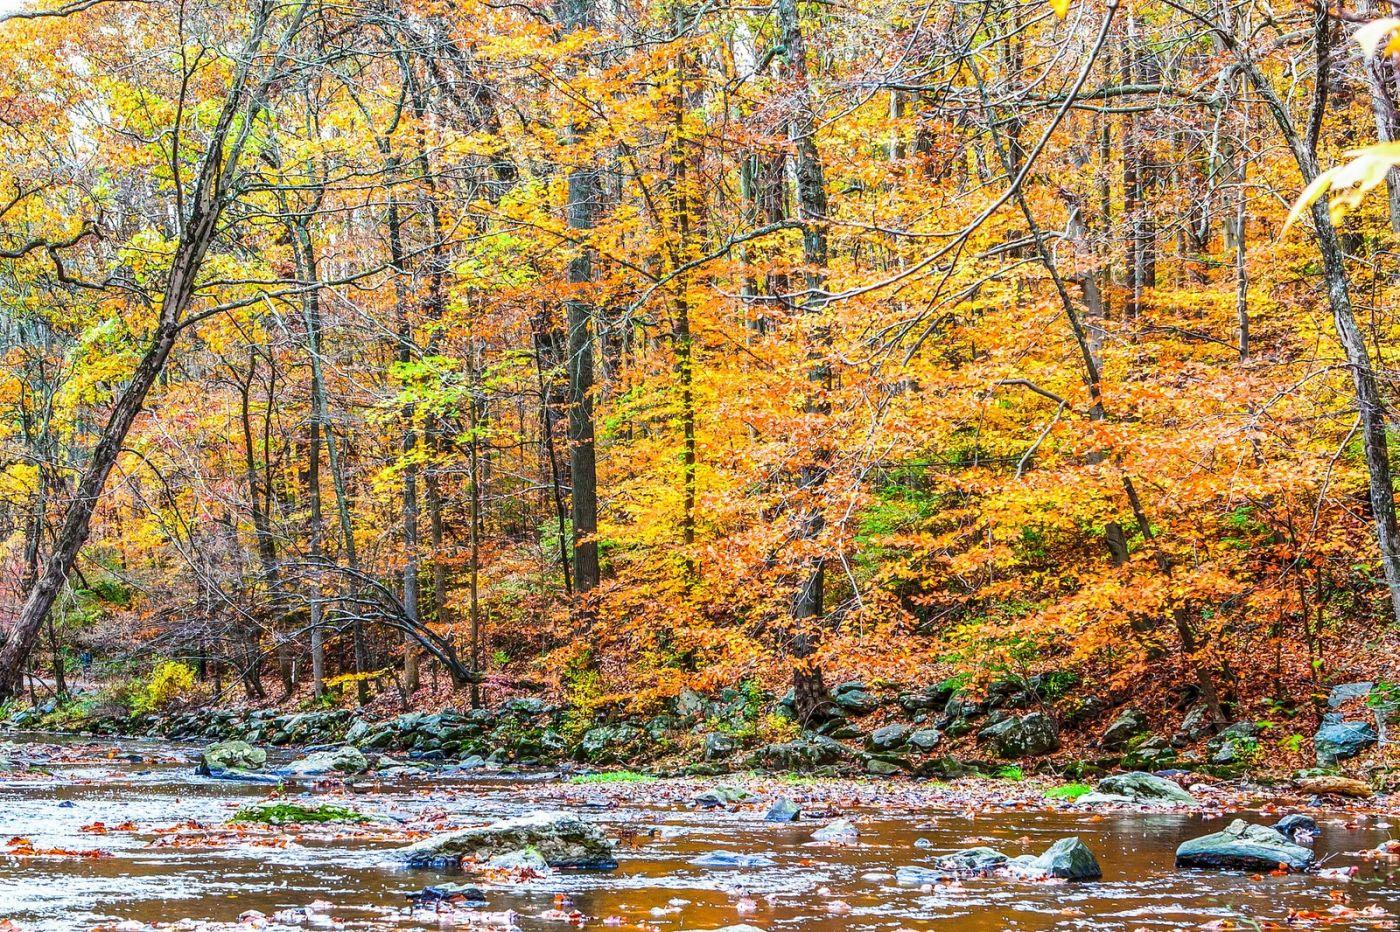 宾州雷德利克里克公园(Ridley creek park),迷人的秋色_图1-16